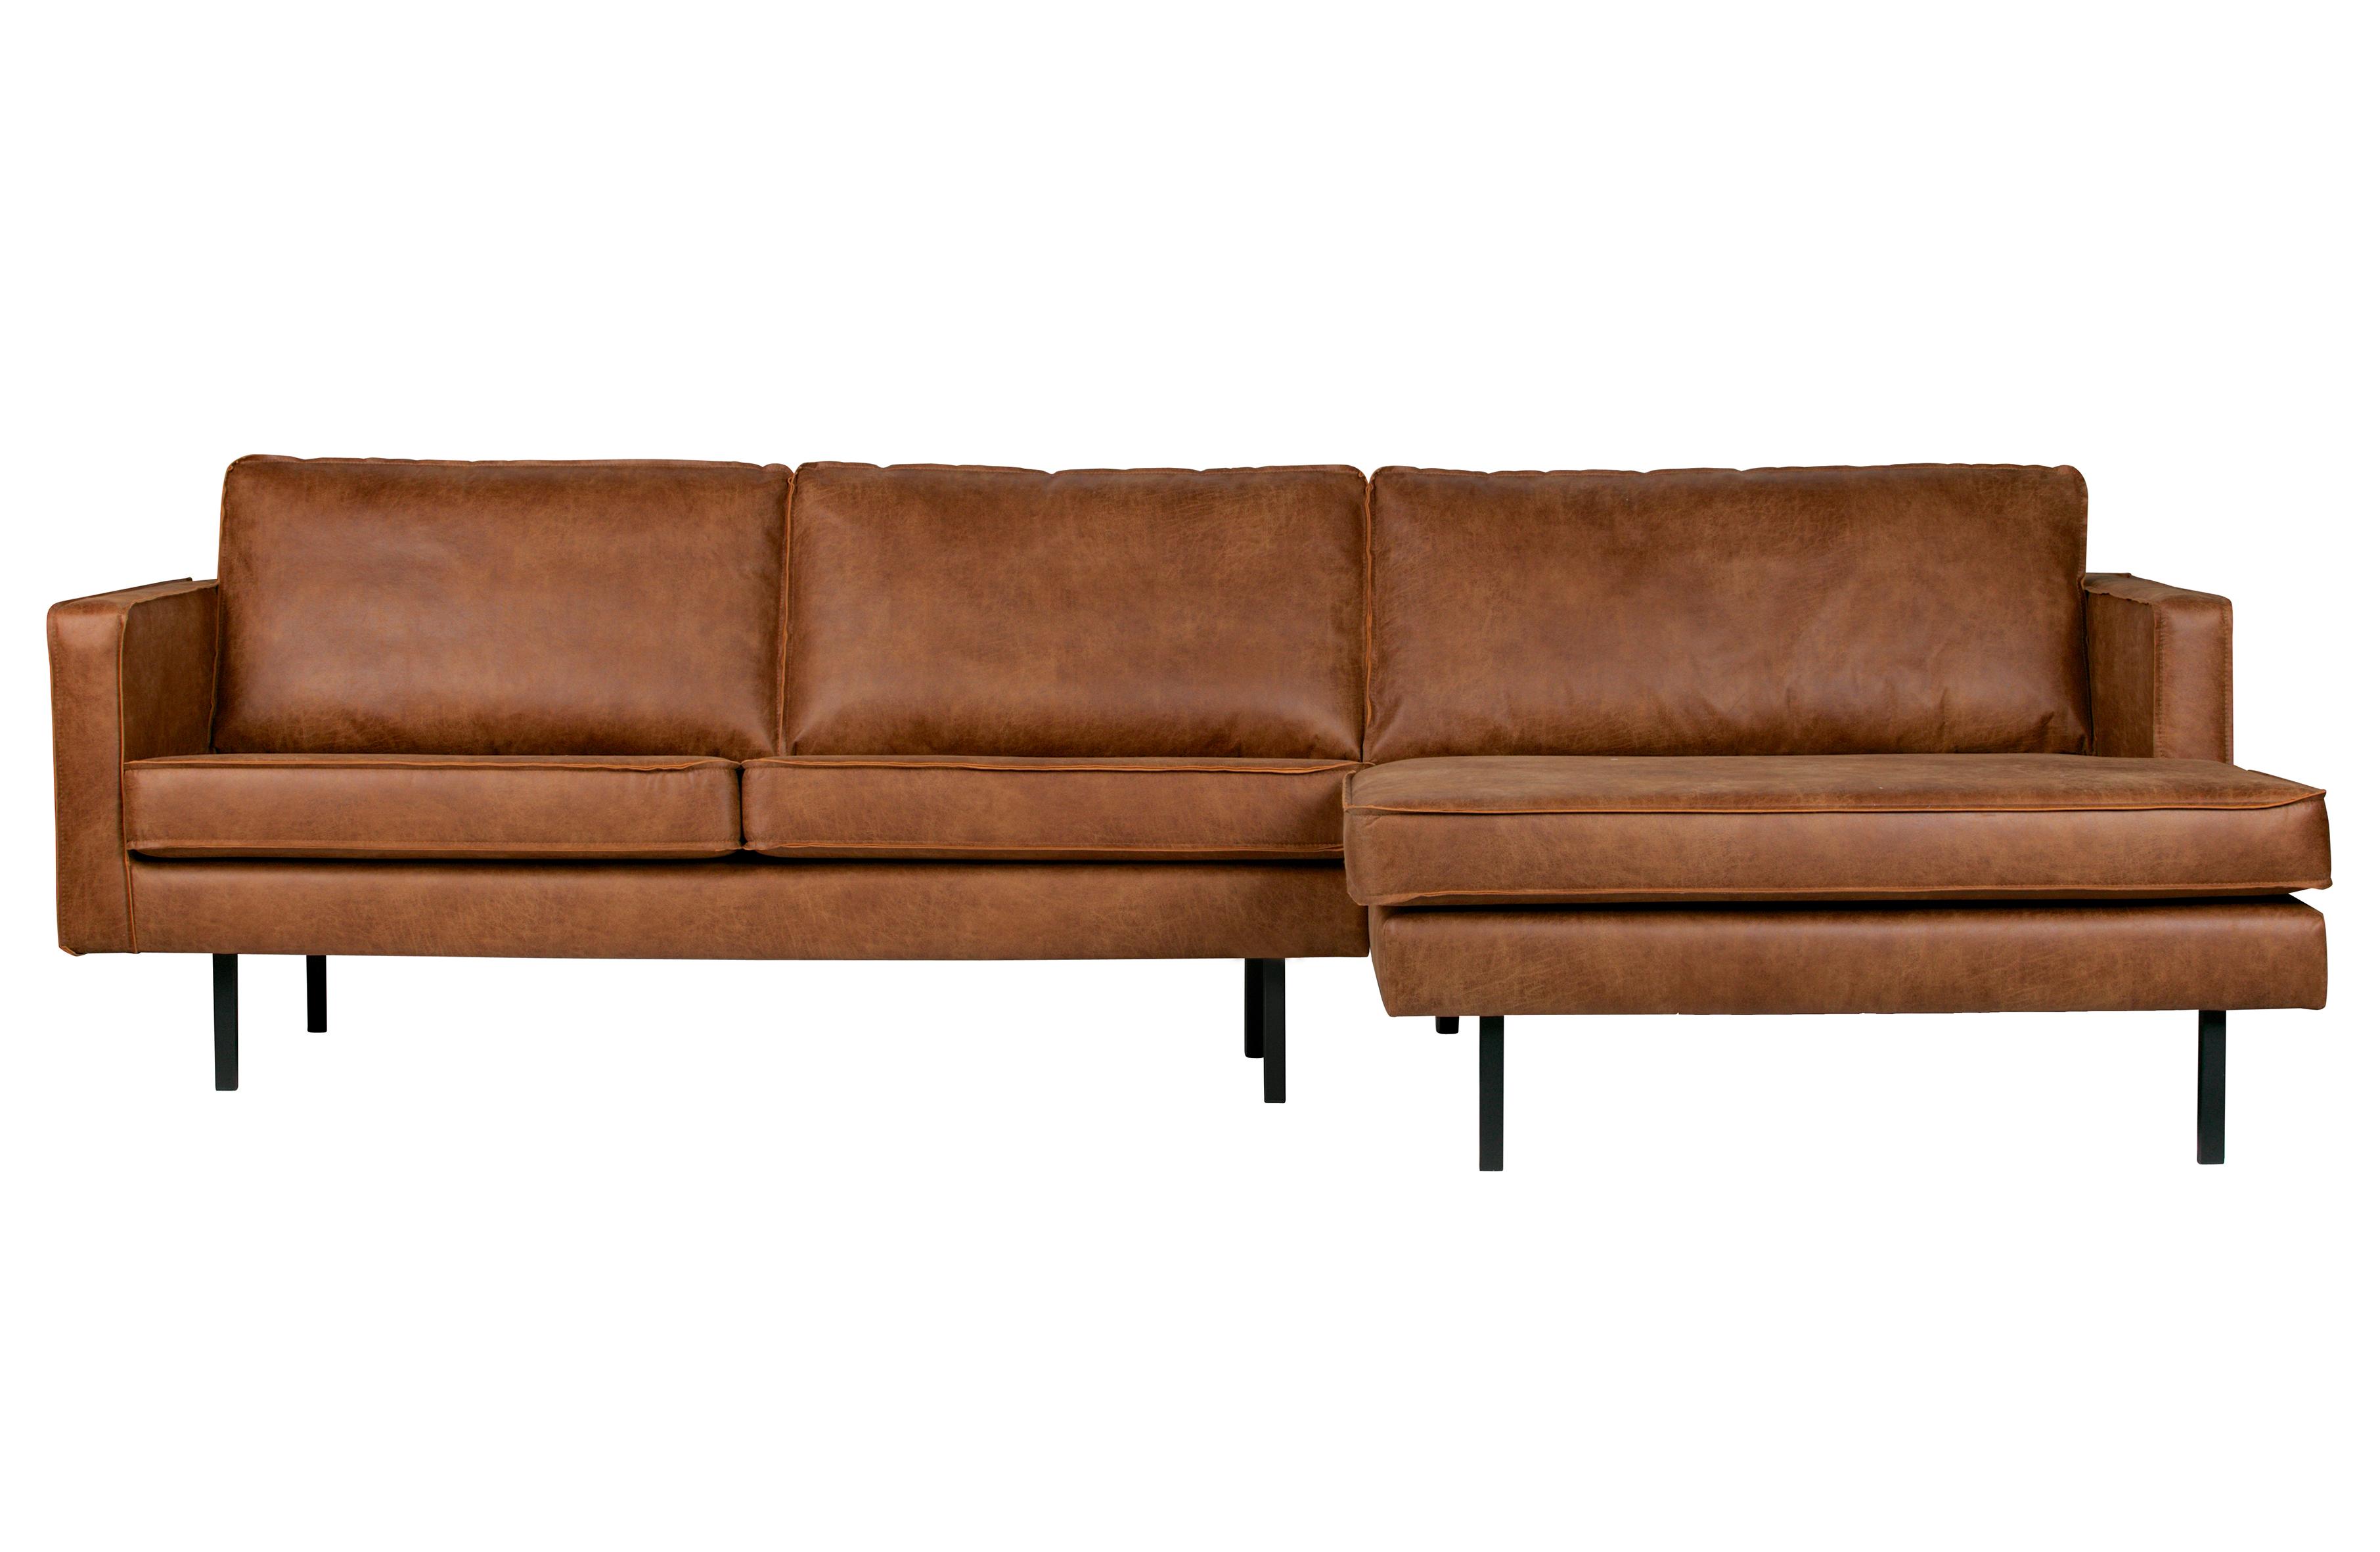 c9ccb24e6abf7a Retro Sofas   Sessel im Freudenhaus Online-Shop kaufen